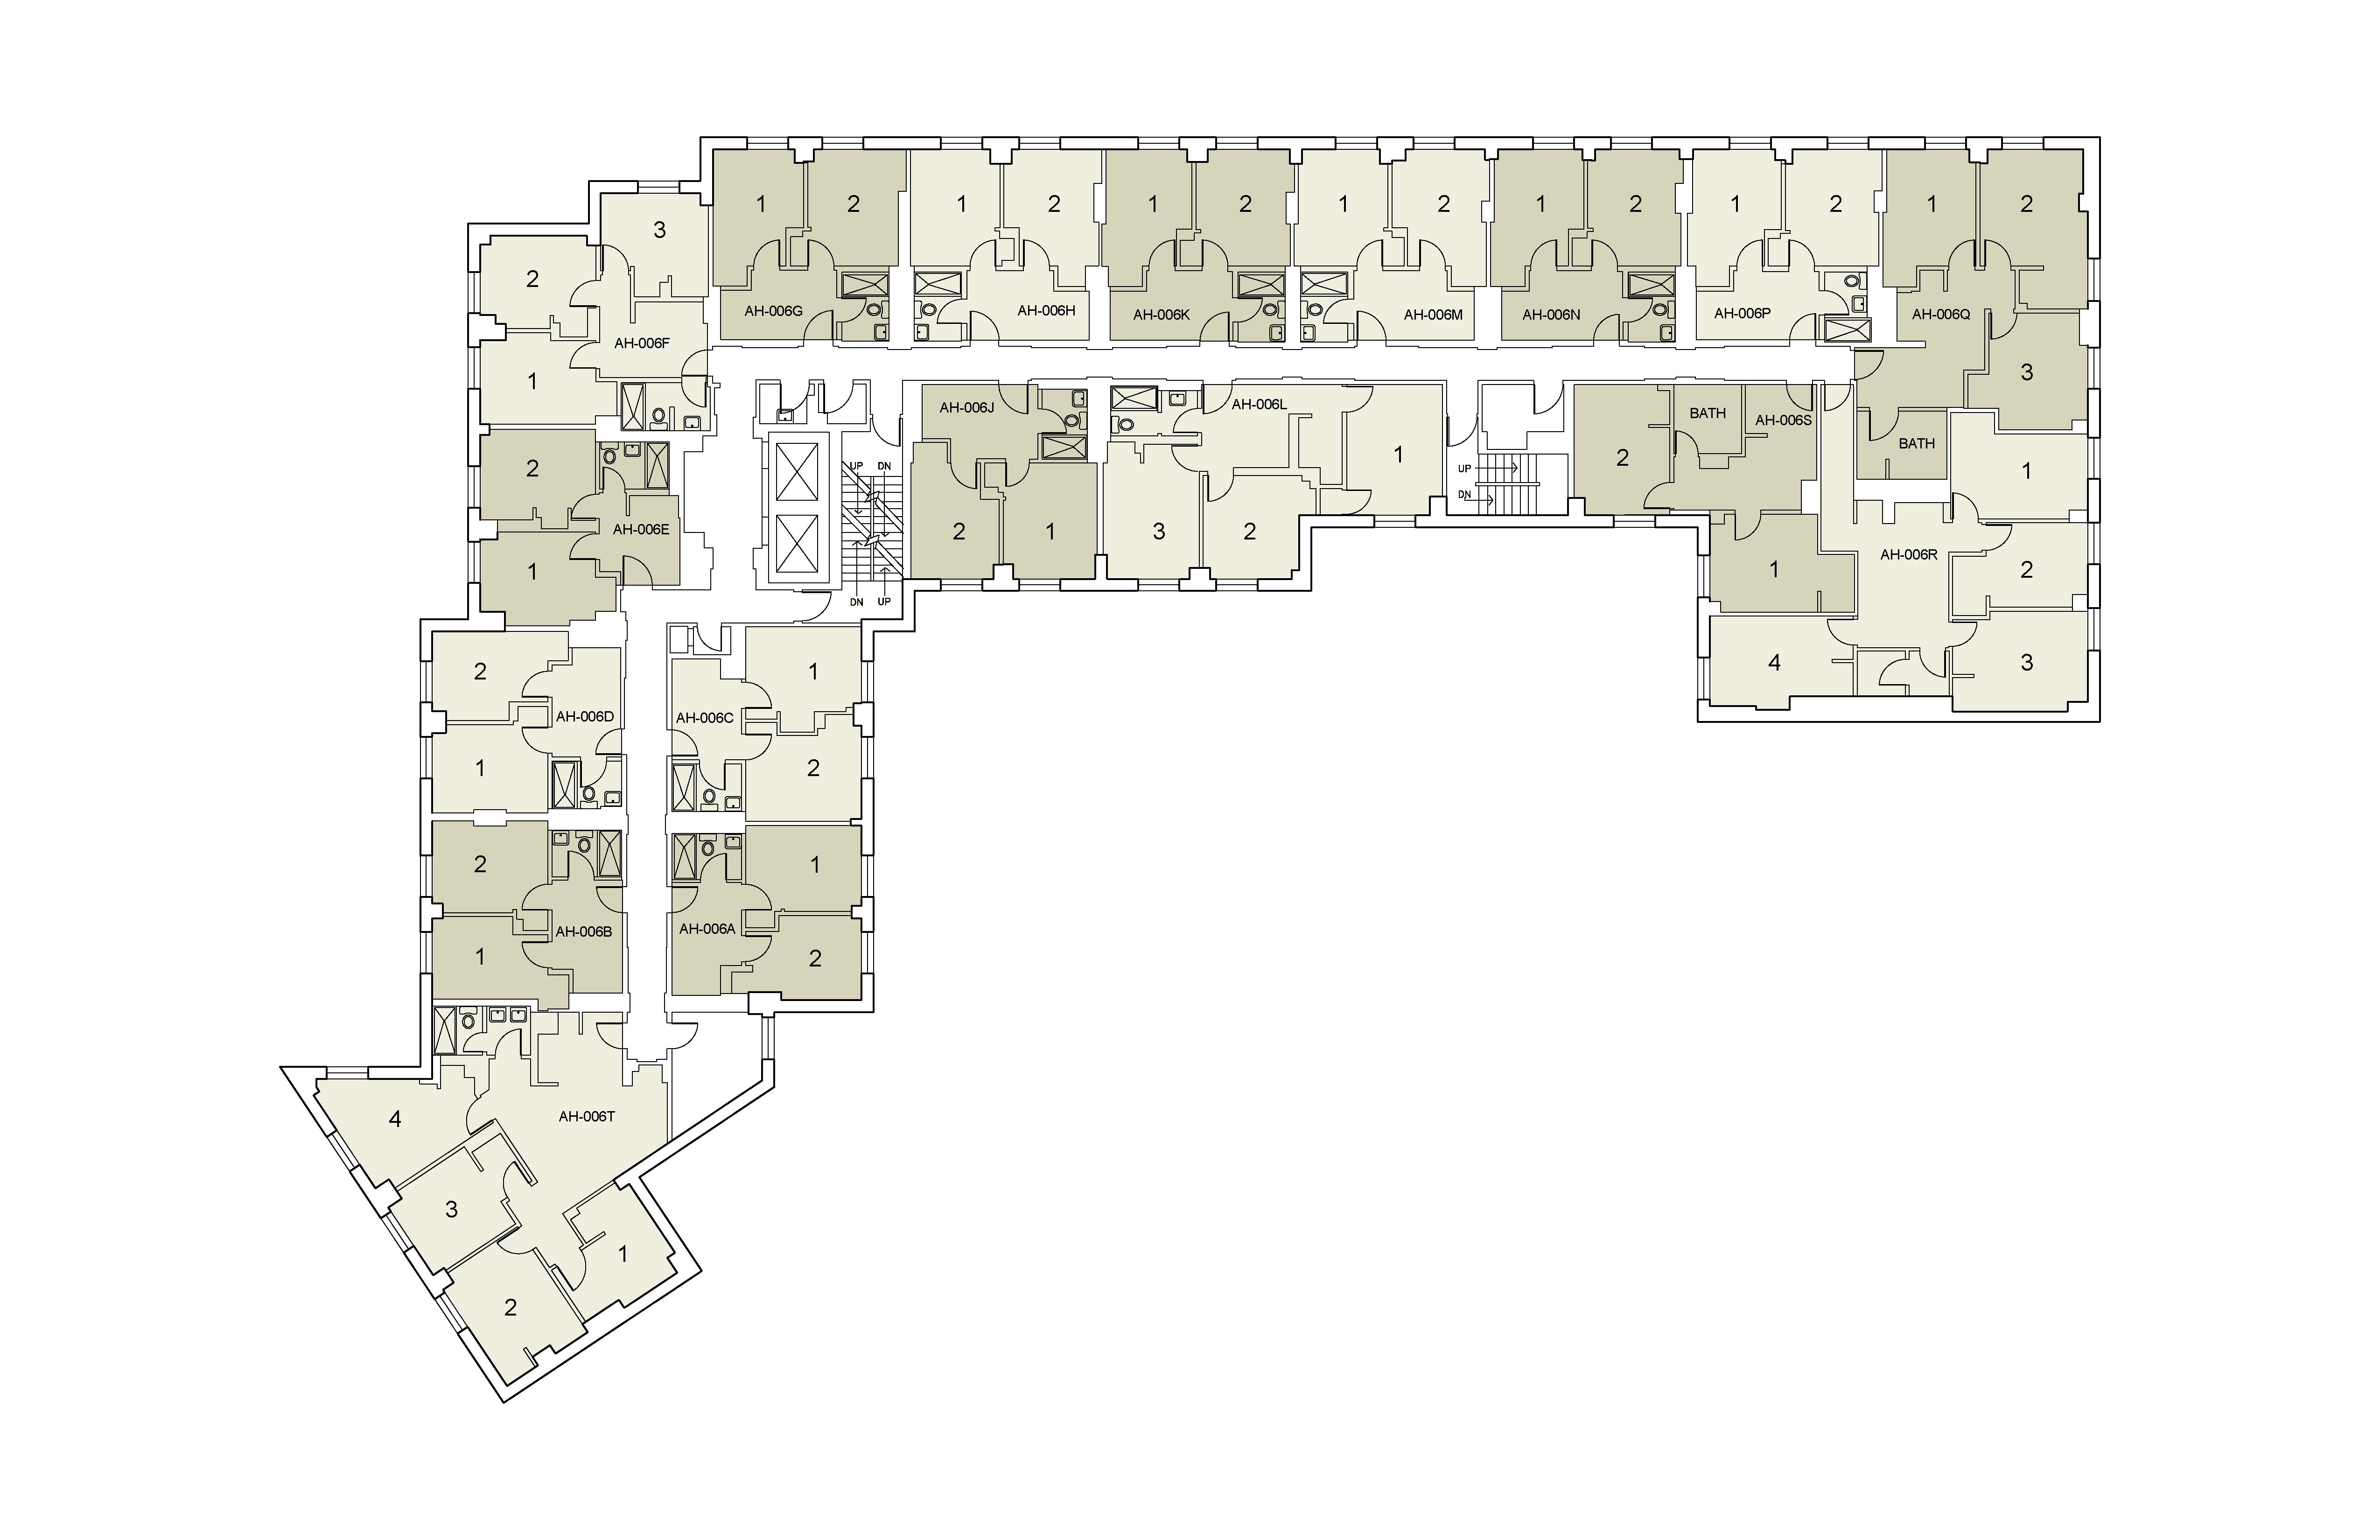 Floor plan for Alumni Floor 06